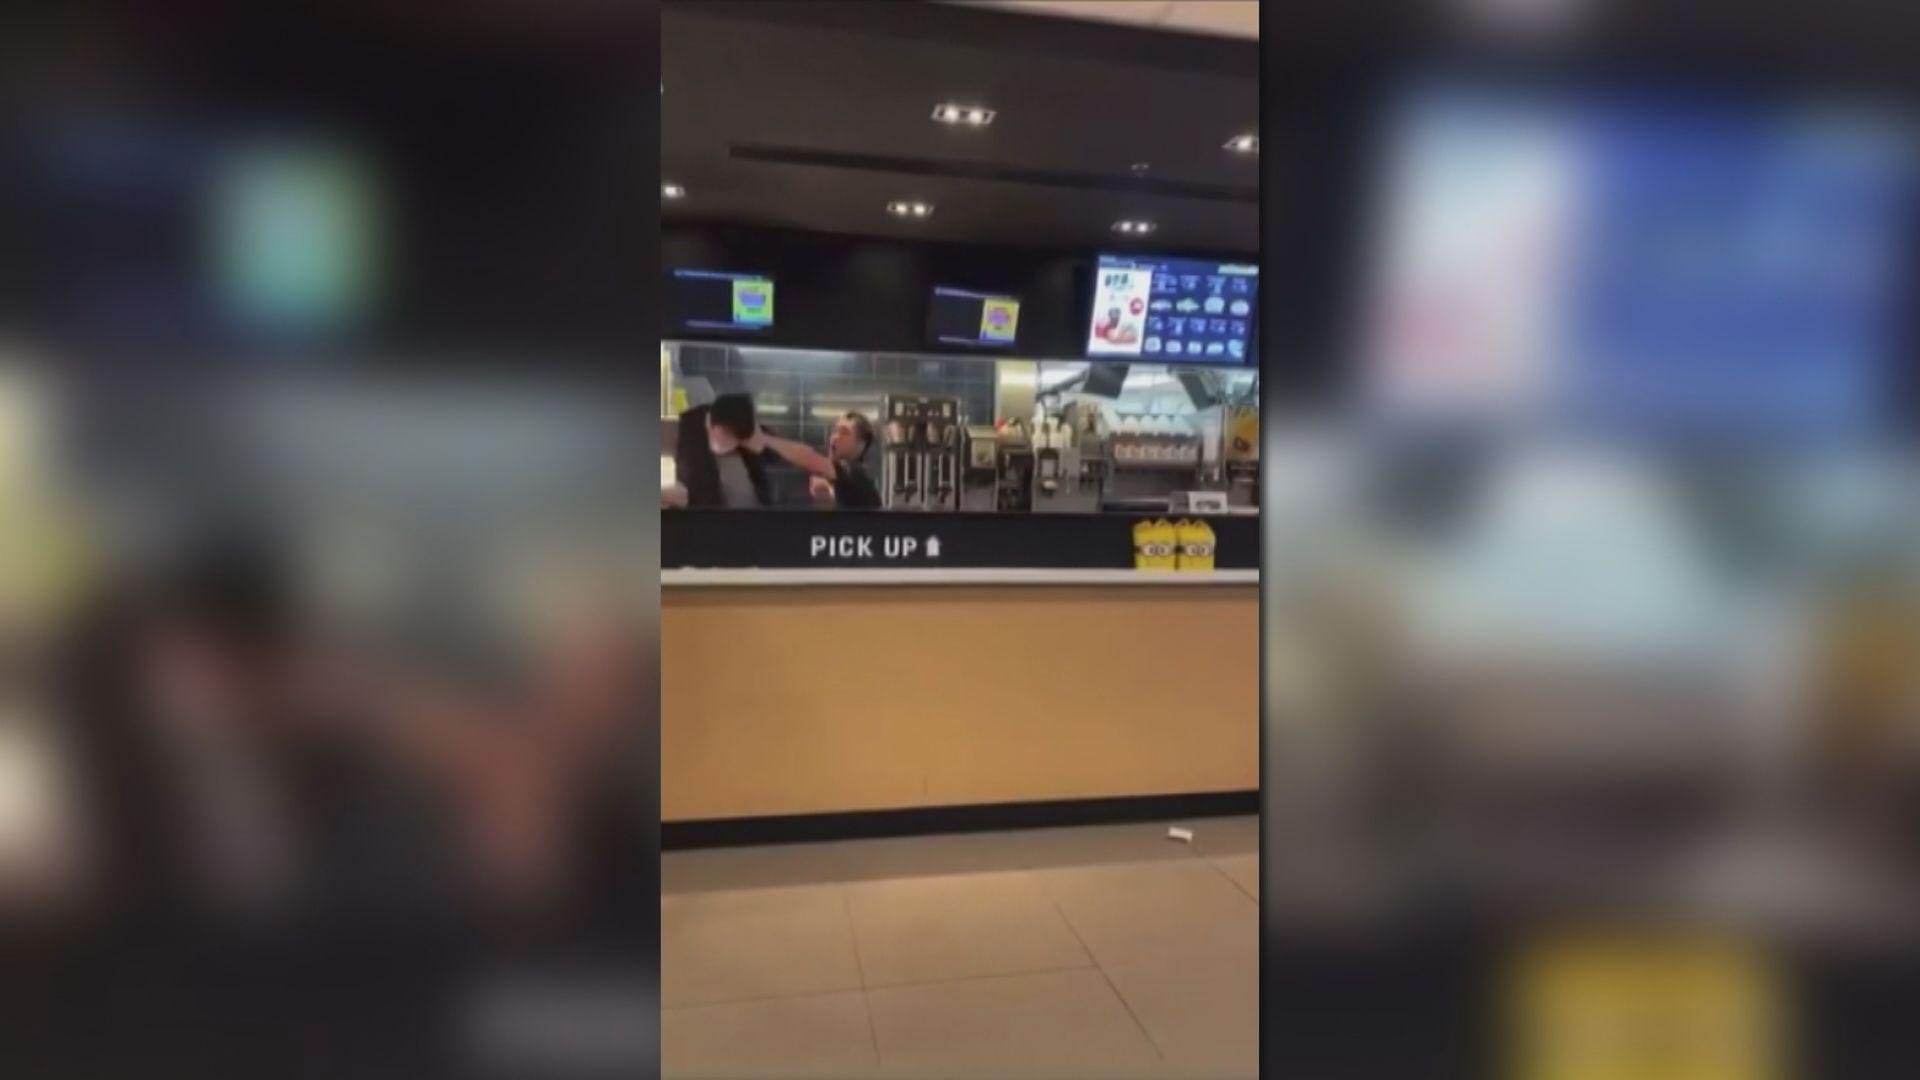 屯門山景邨麥當勞打人案 施襲男子被判社服令